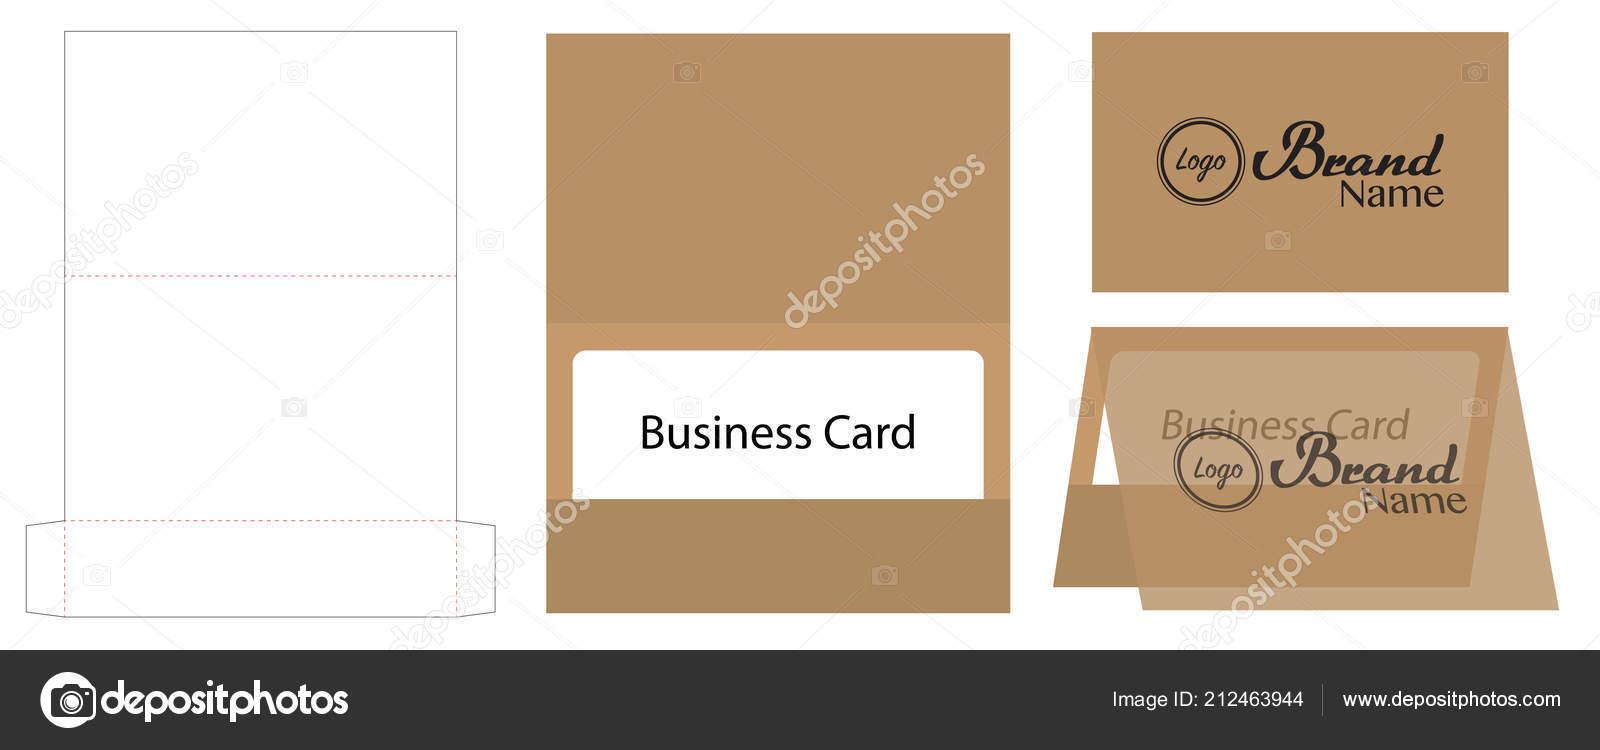 Business card envelope die cut template mock vetores de stock business card envelope die cut template mock vetores de stock reheart Image collections